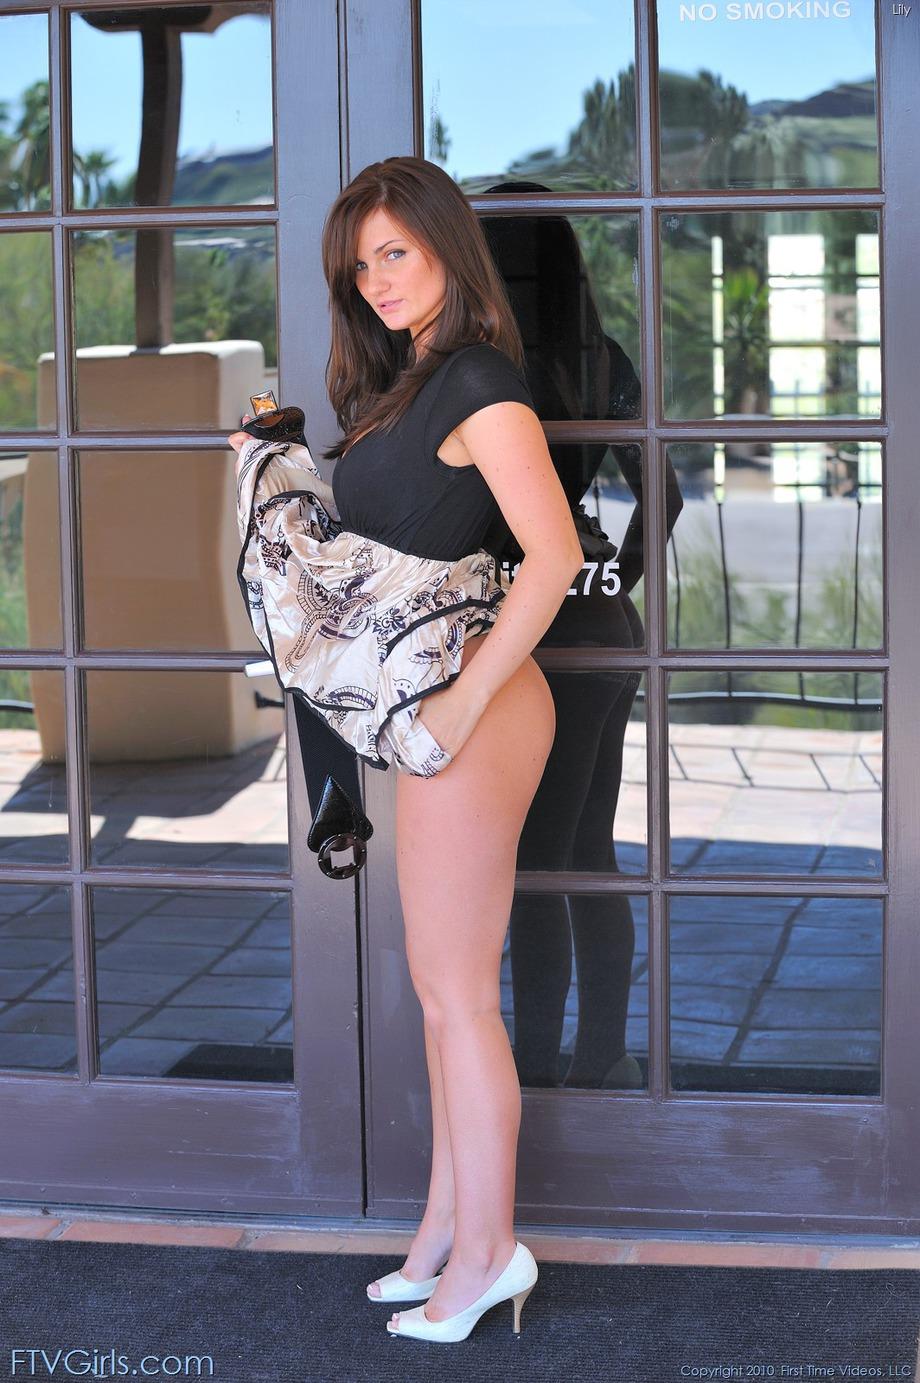 http://content9.novoglam.com/ftvgirls.com/6701/18.jpg